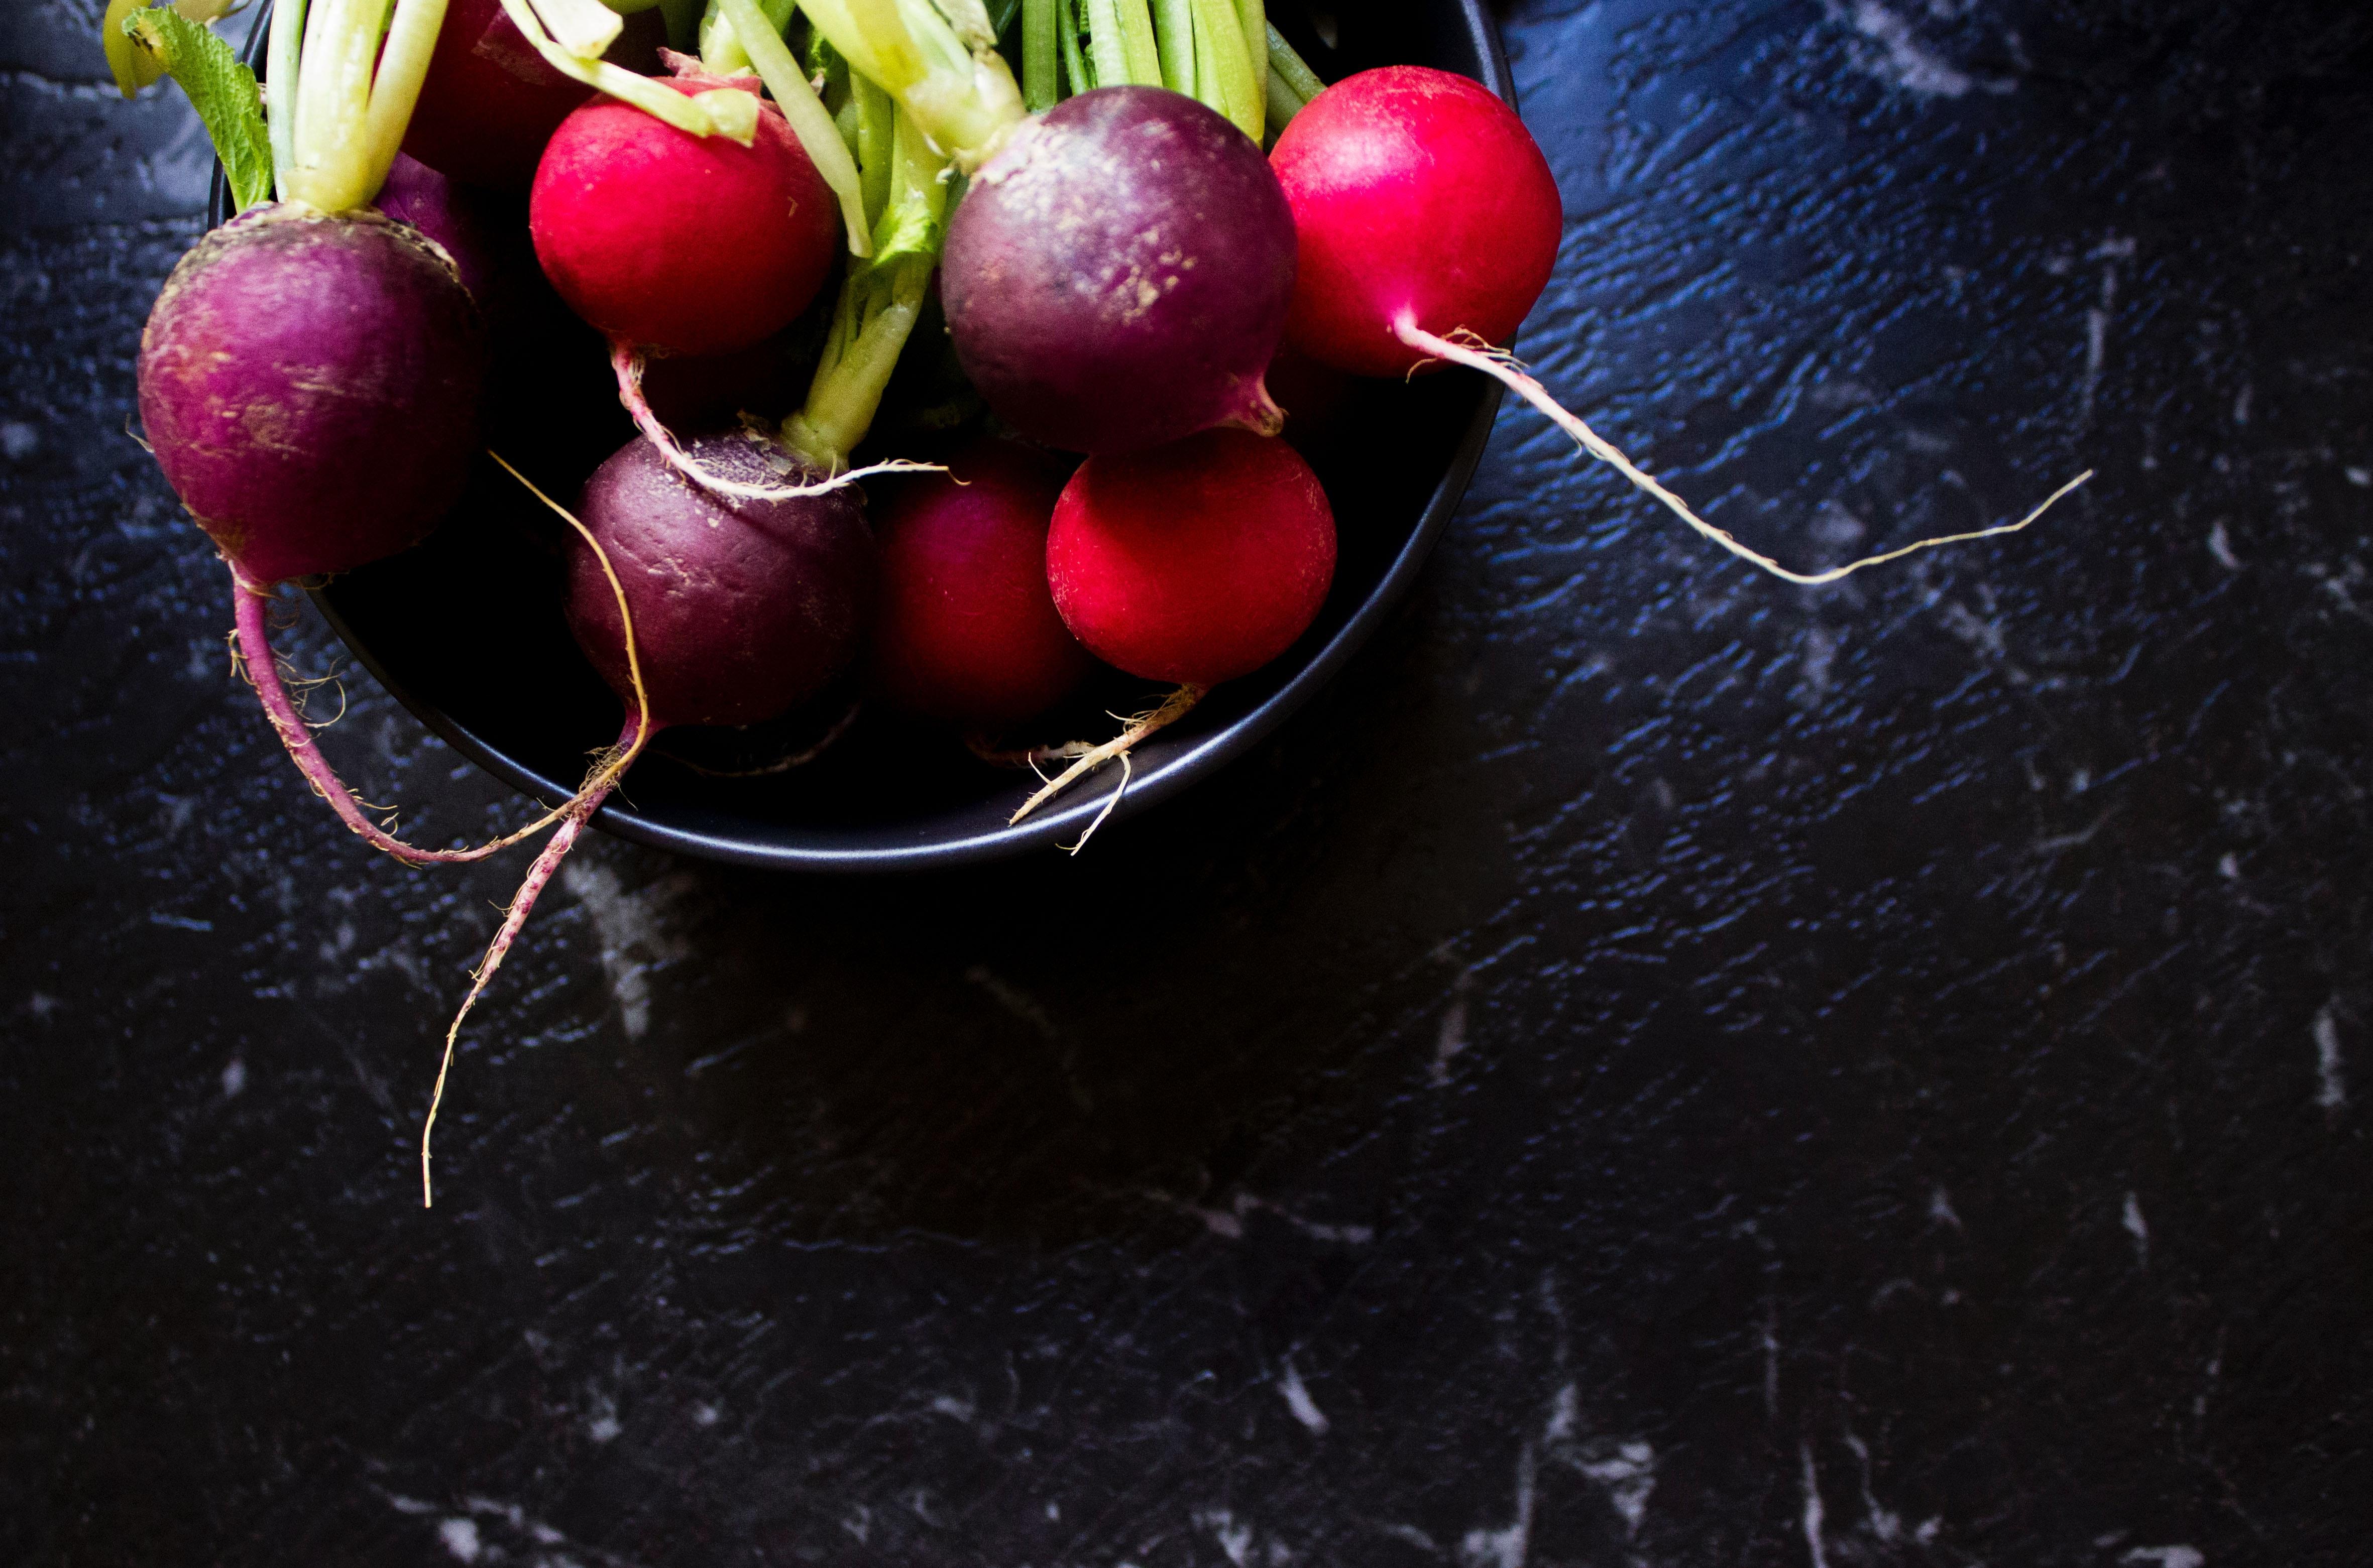 bowl-farming-food-775207.jpg